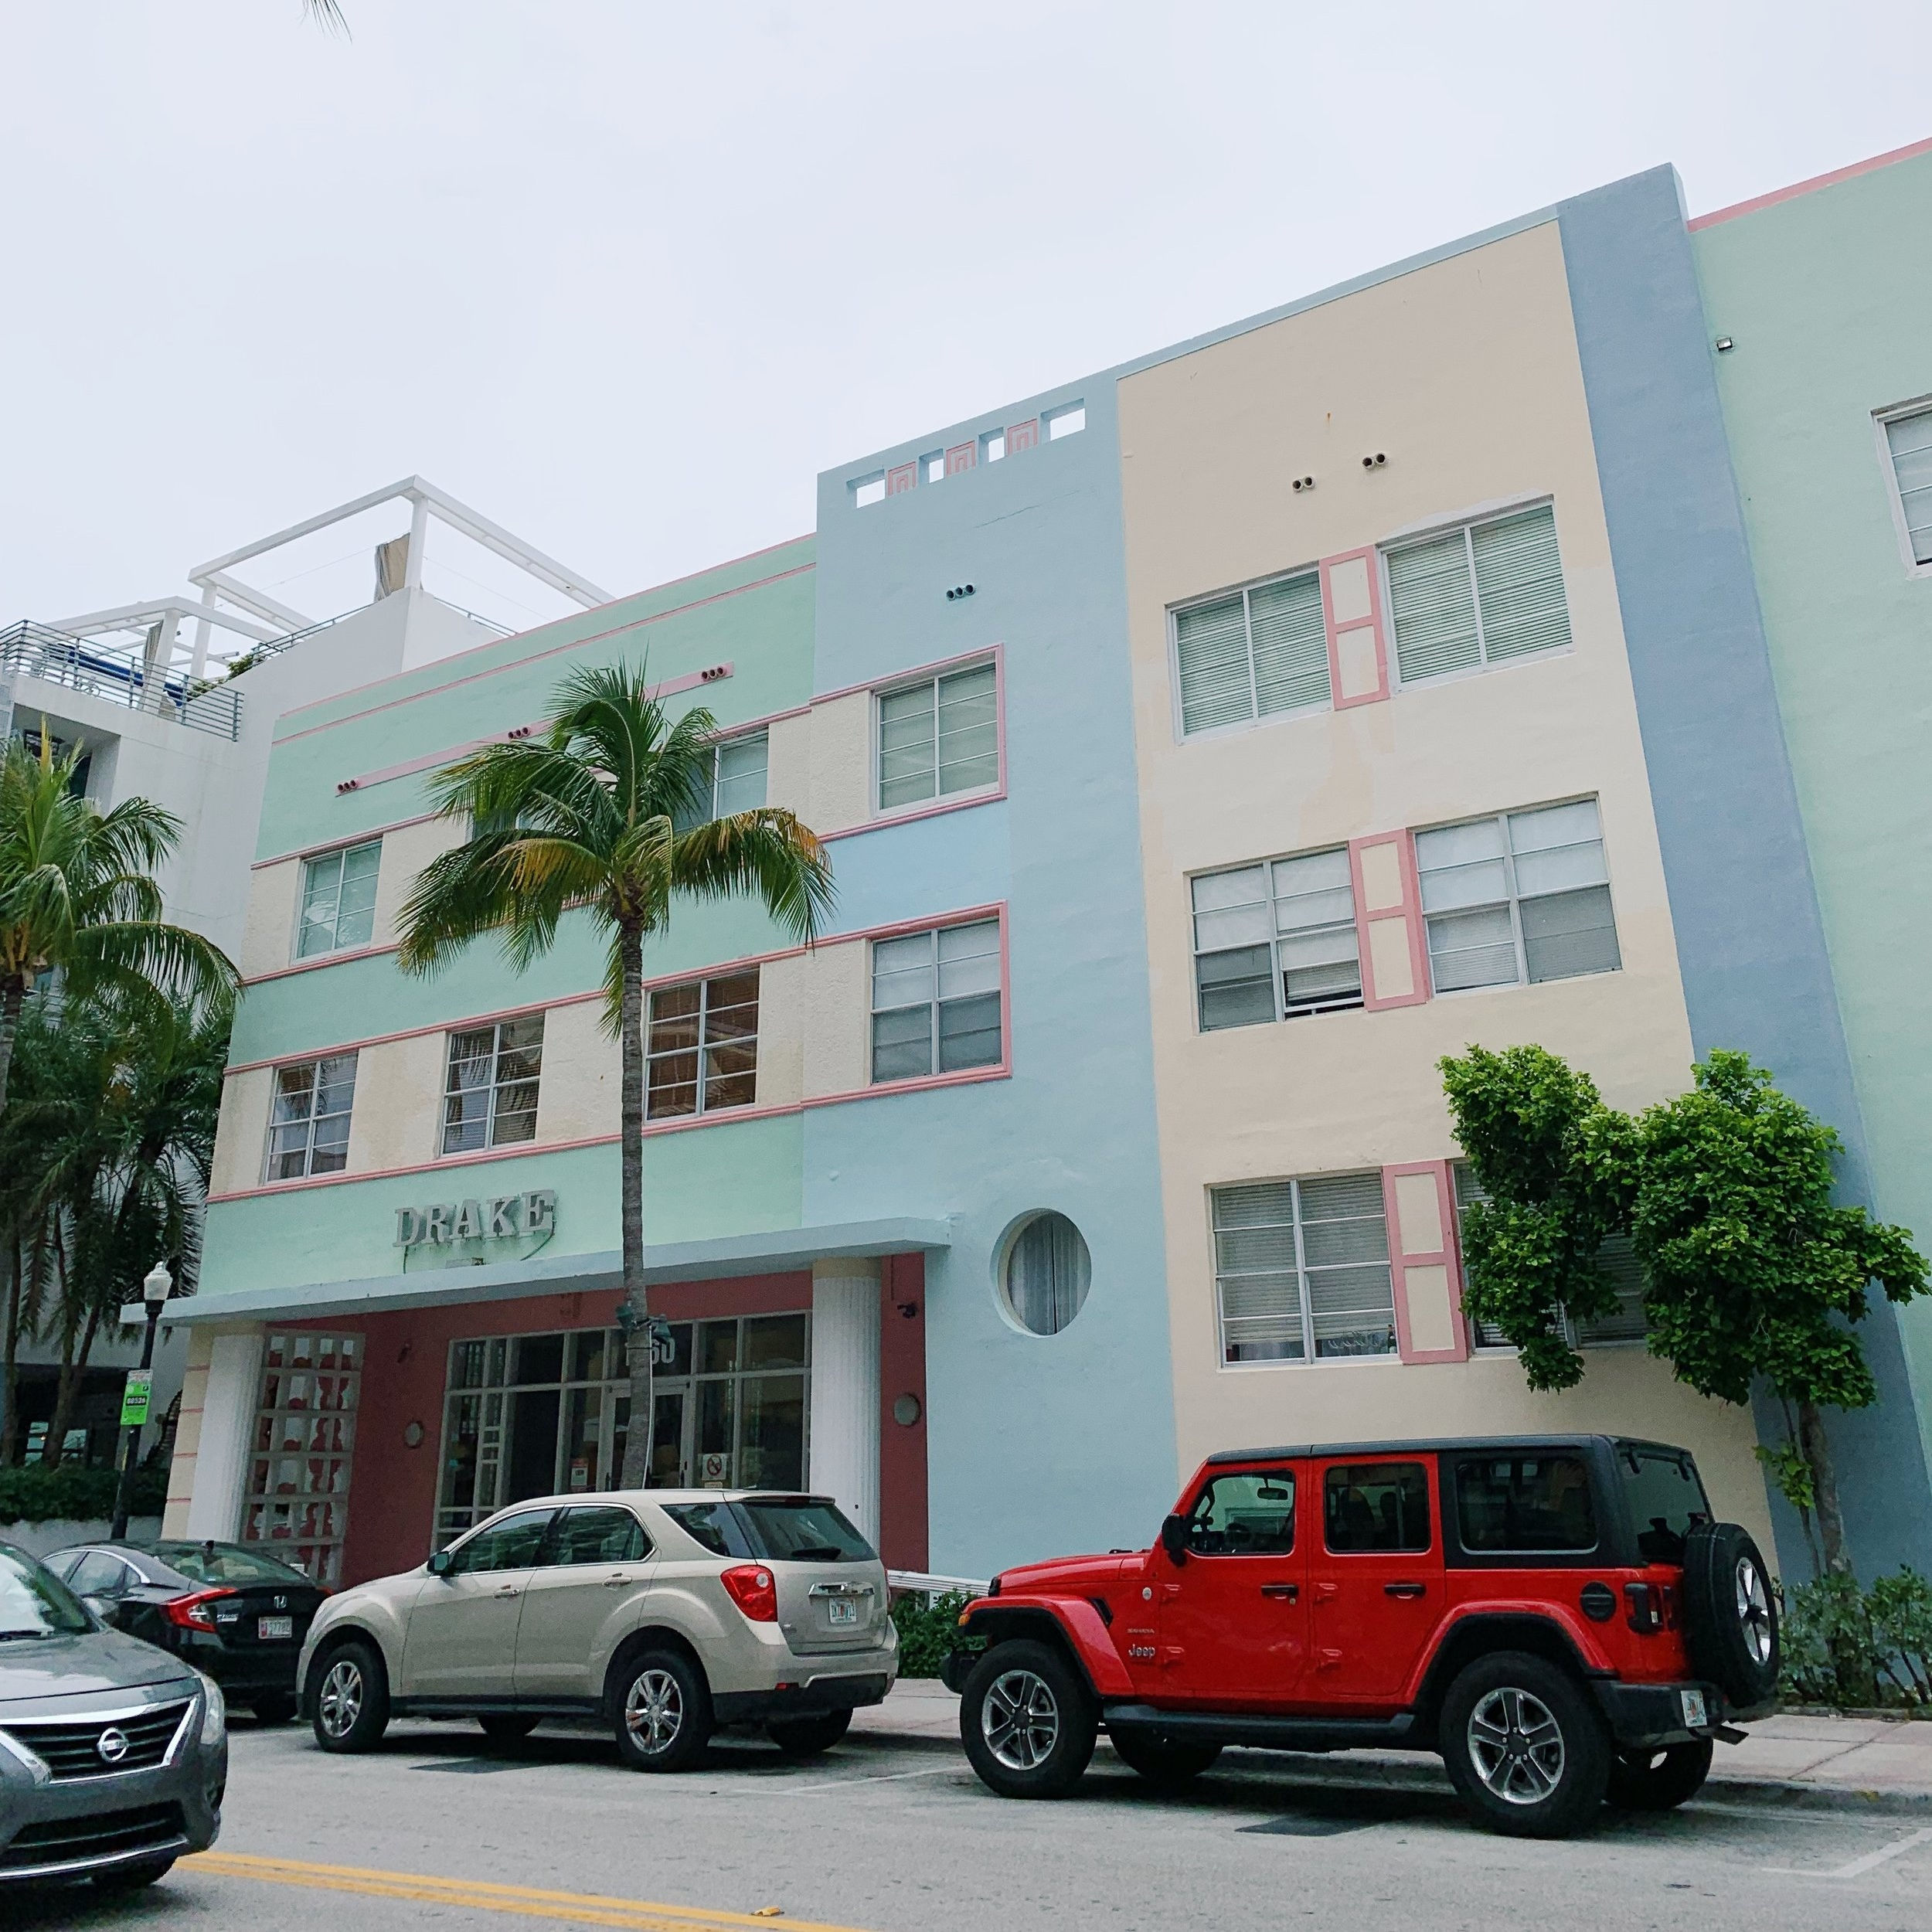 Art Deco palette #2: The Drake (Wish it was sunnier!) | Miami Beach